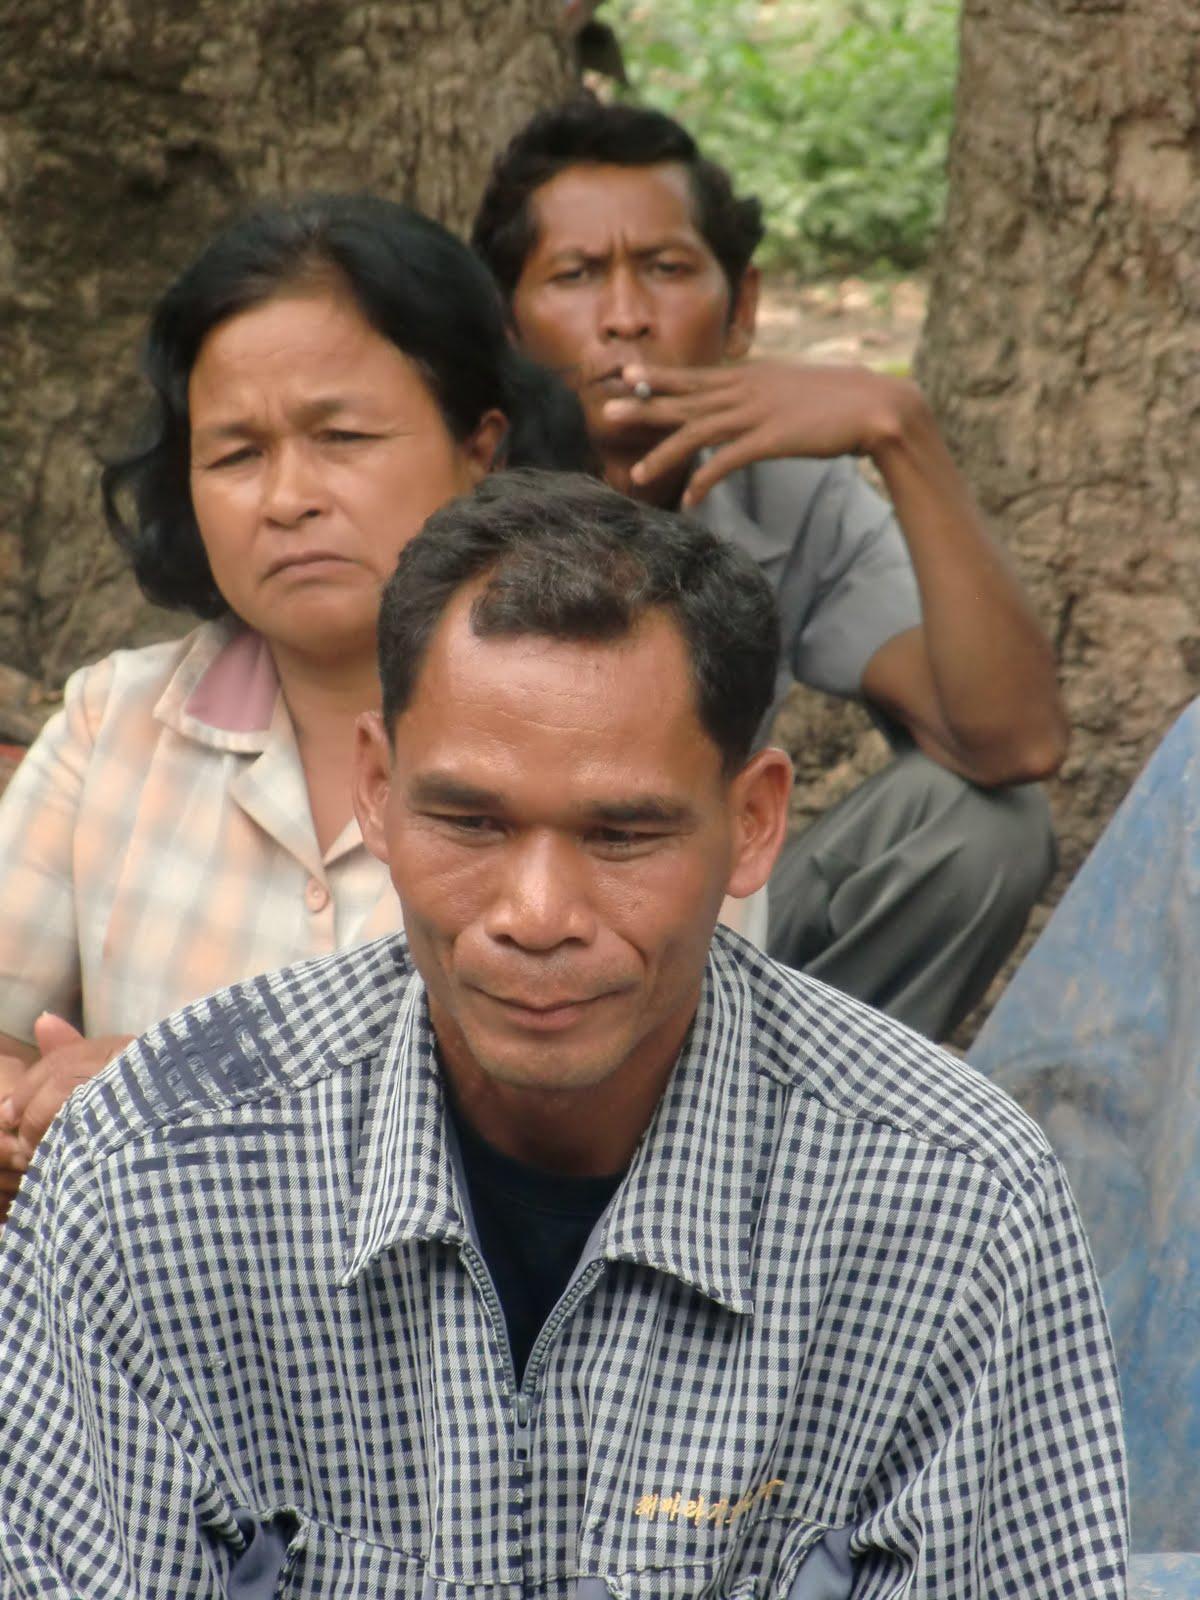 Daglig kamp mot hungern for kambodjas fattigaste